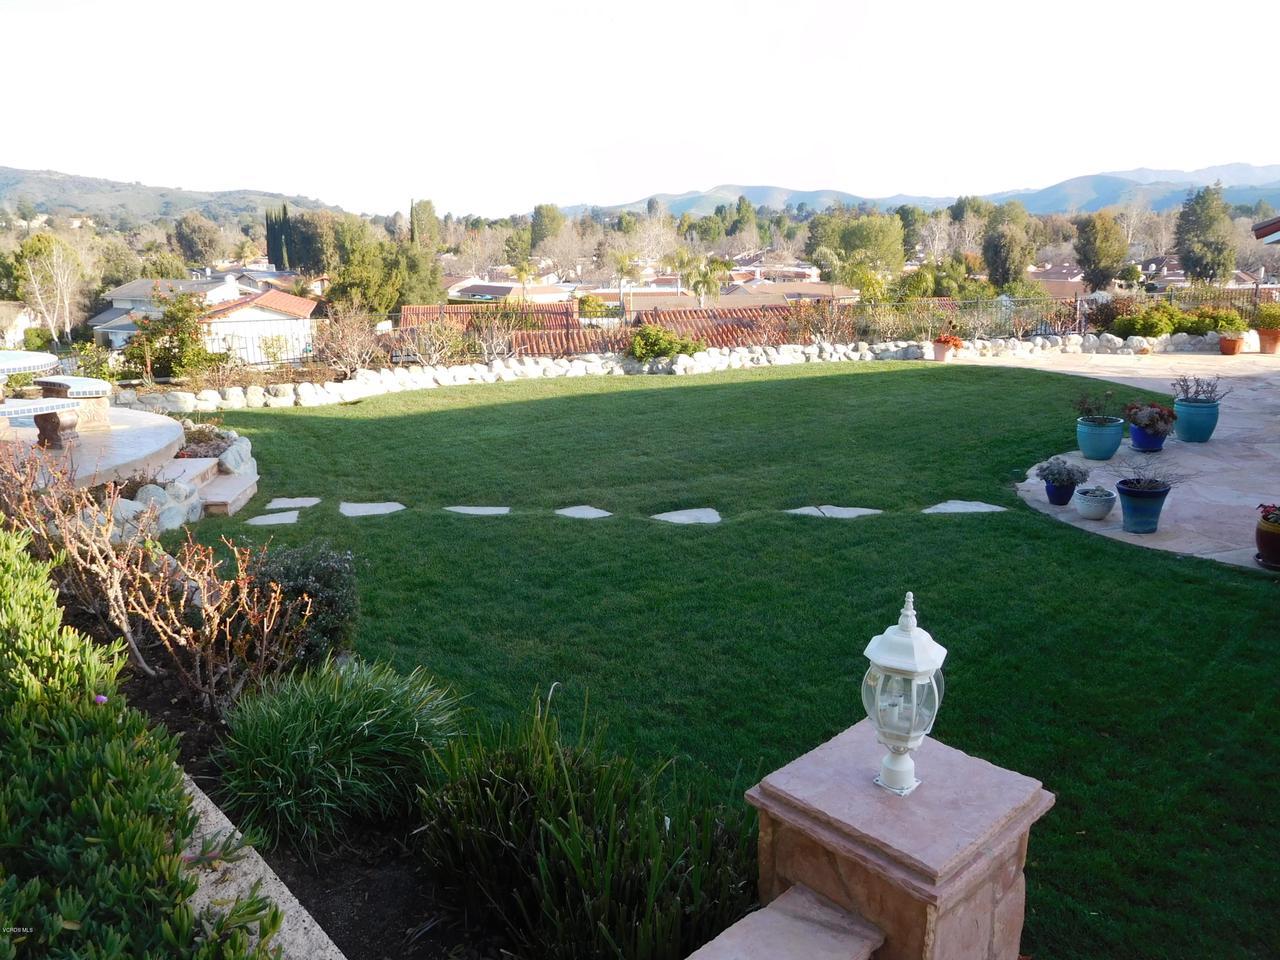 1539 FOLKESTONE TERRACE, Westlake Village, CA 91361 - DSCN3585